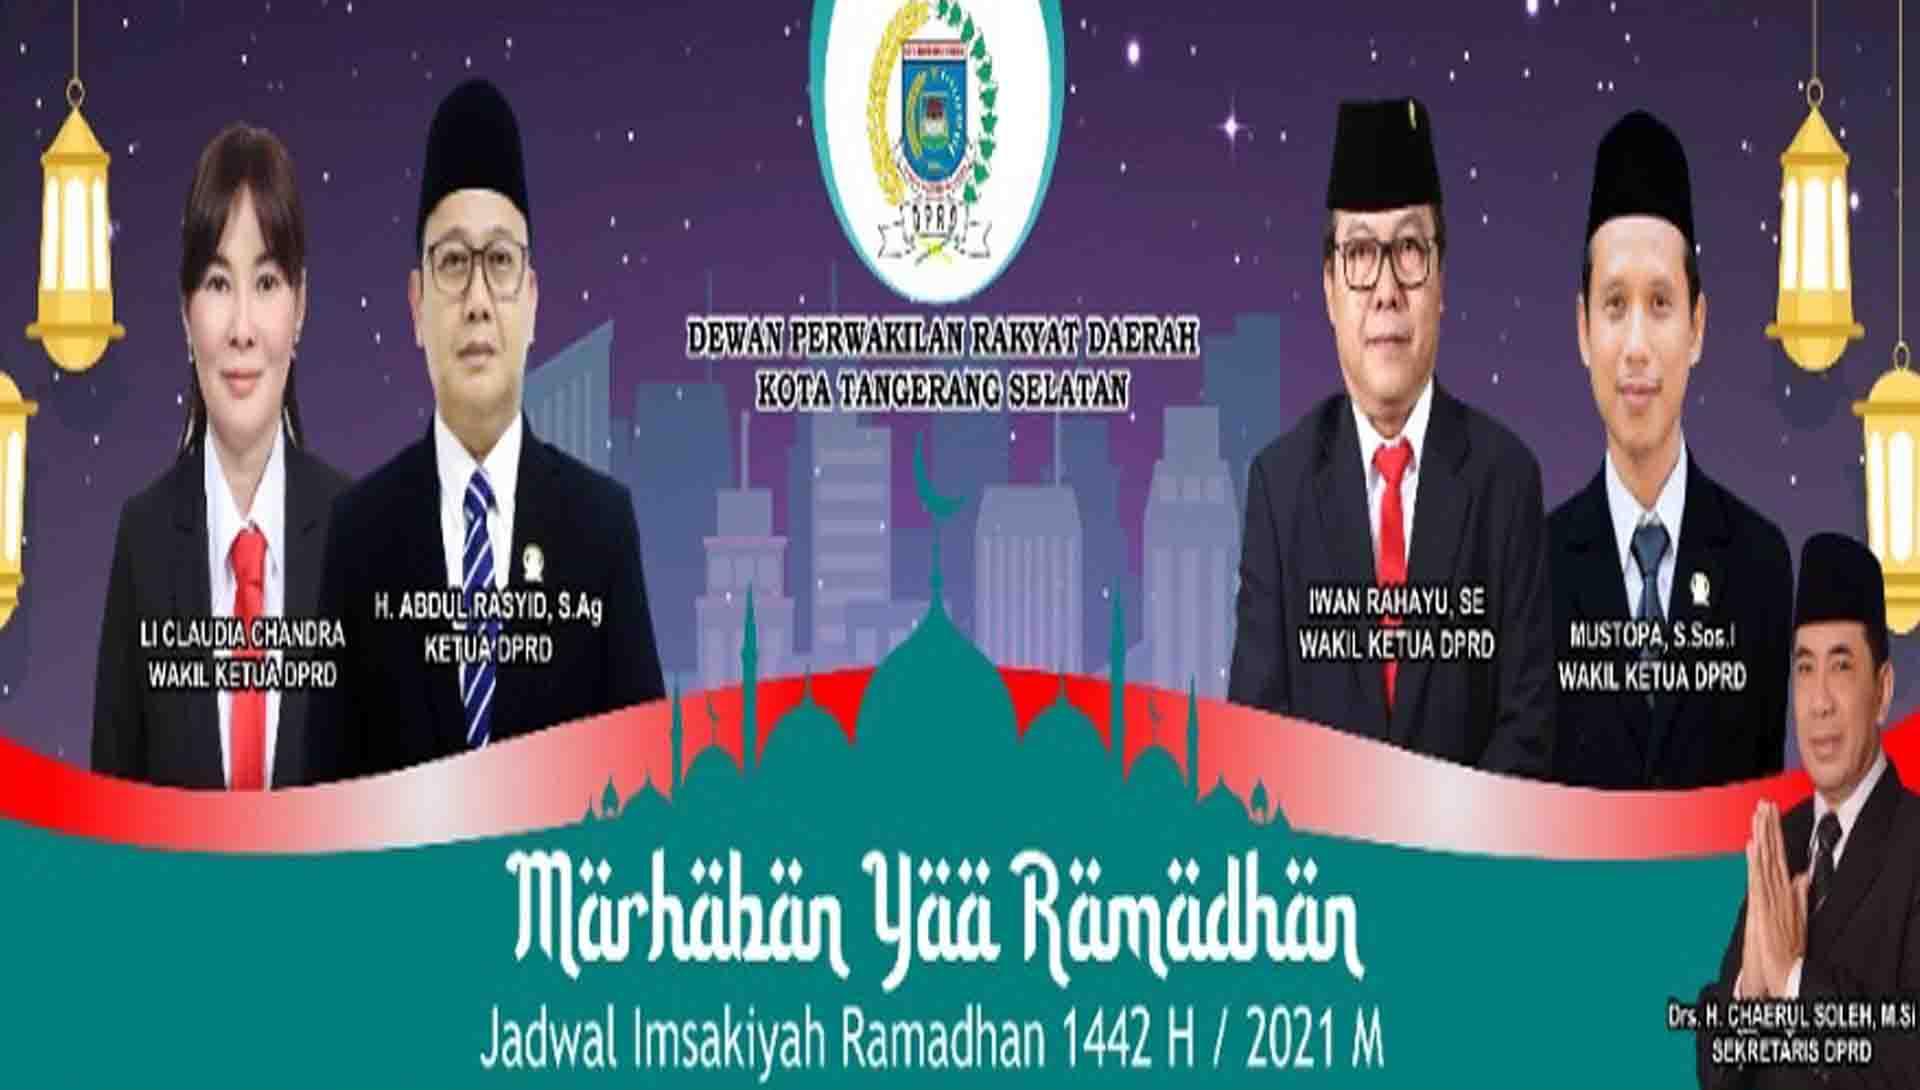 Jadwal Imsakiyah Ramadhan 1442 / 2021 M